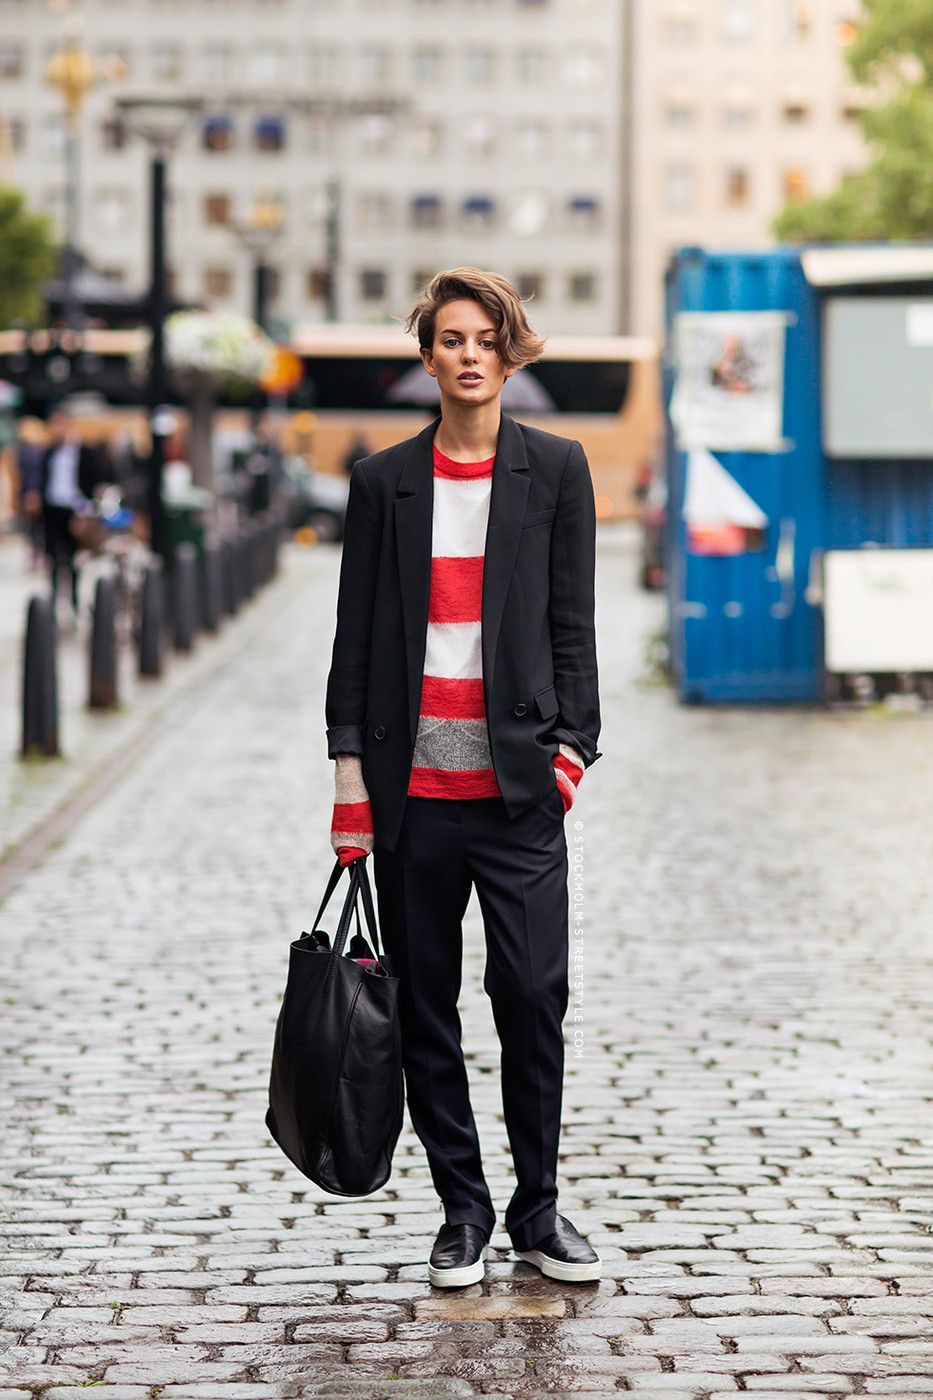 Joulukuun tyyli-inspiraatio: housupuku | Style inspiration: pantsuit - Pupulandia | Lily.fi